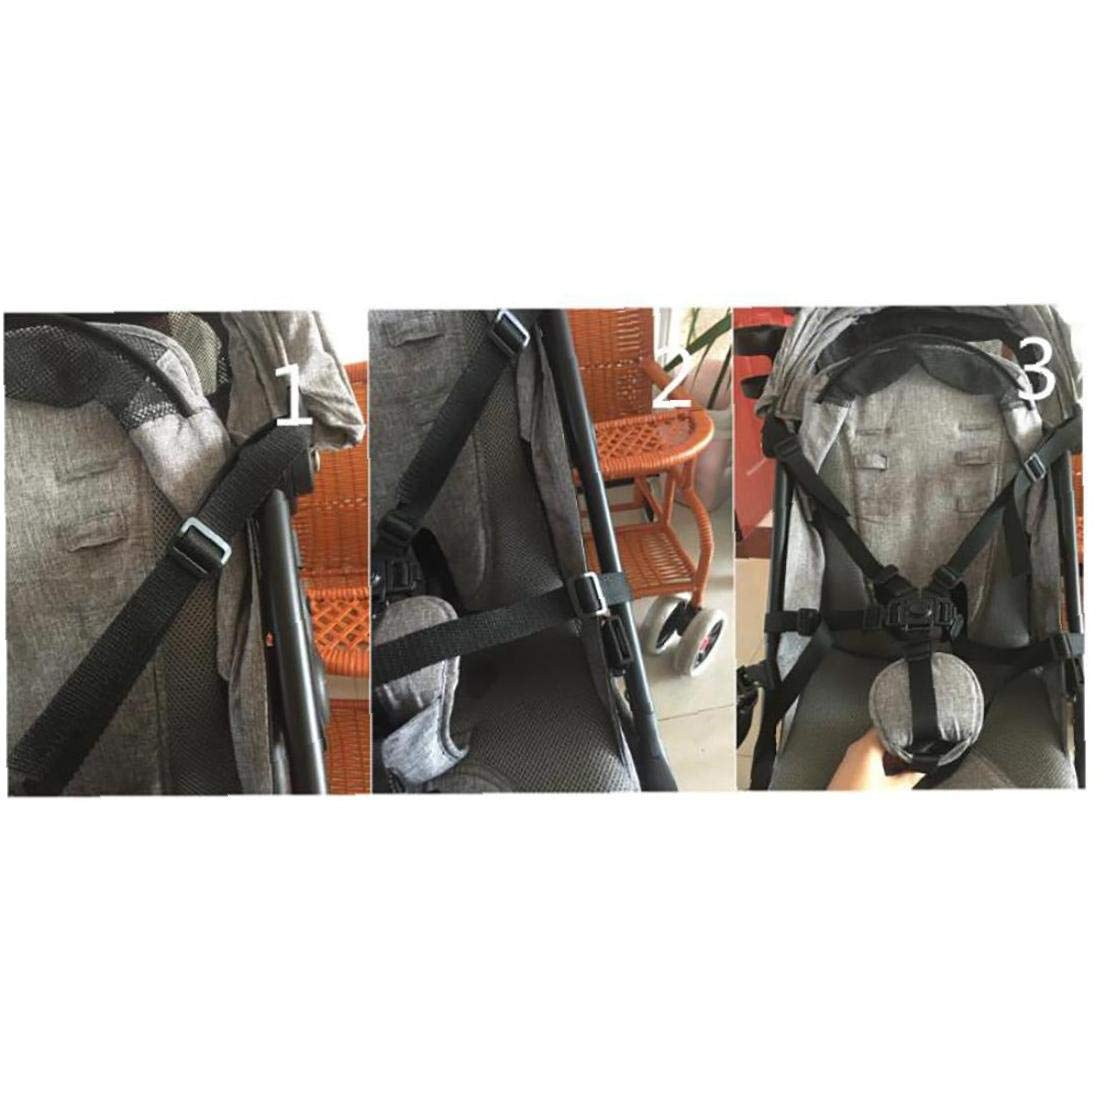 TOPofly 1PC G/ürtel Universal-Kind 5-Punkt-Gurt Einstellbare Kid Safe Travel G/ürtelclip F/ür Kinderwagen Stuhl Rollstuhl-Buggy-Spazierg/änger Kinder Rot